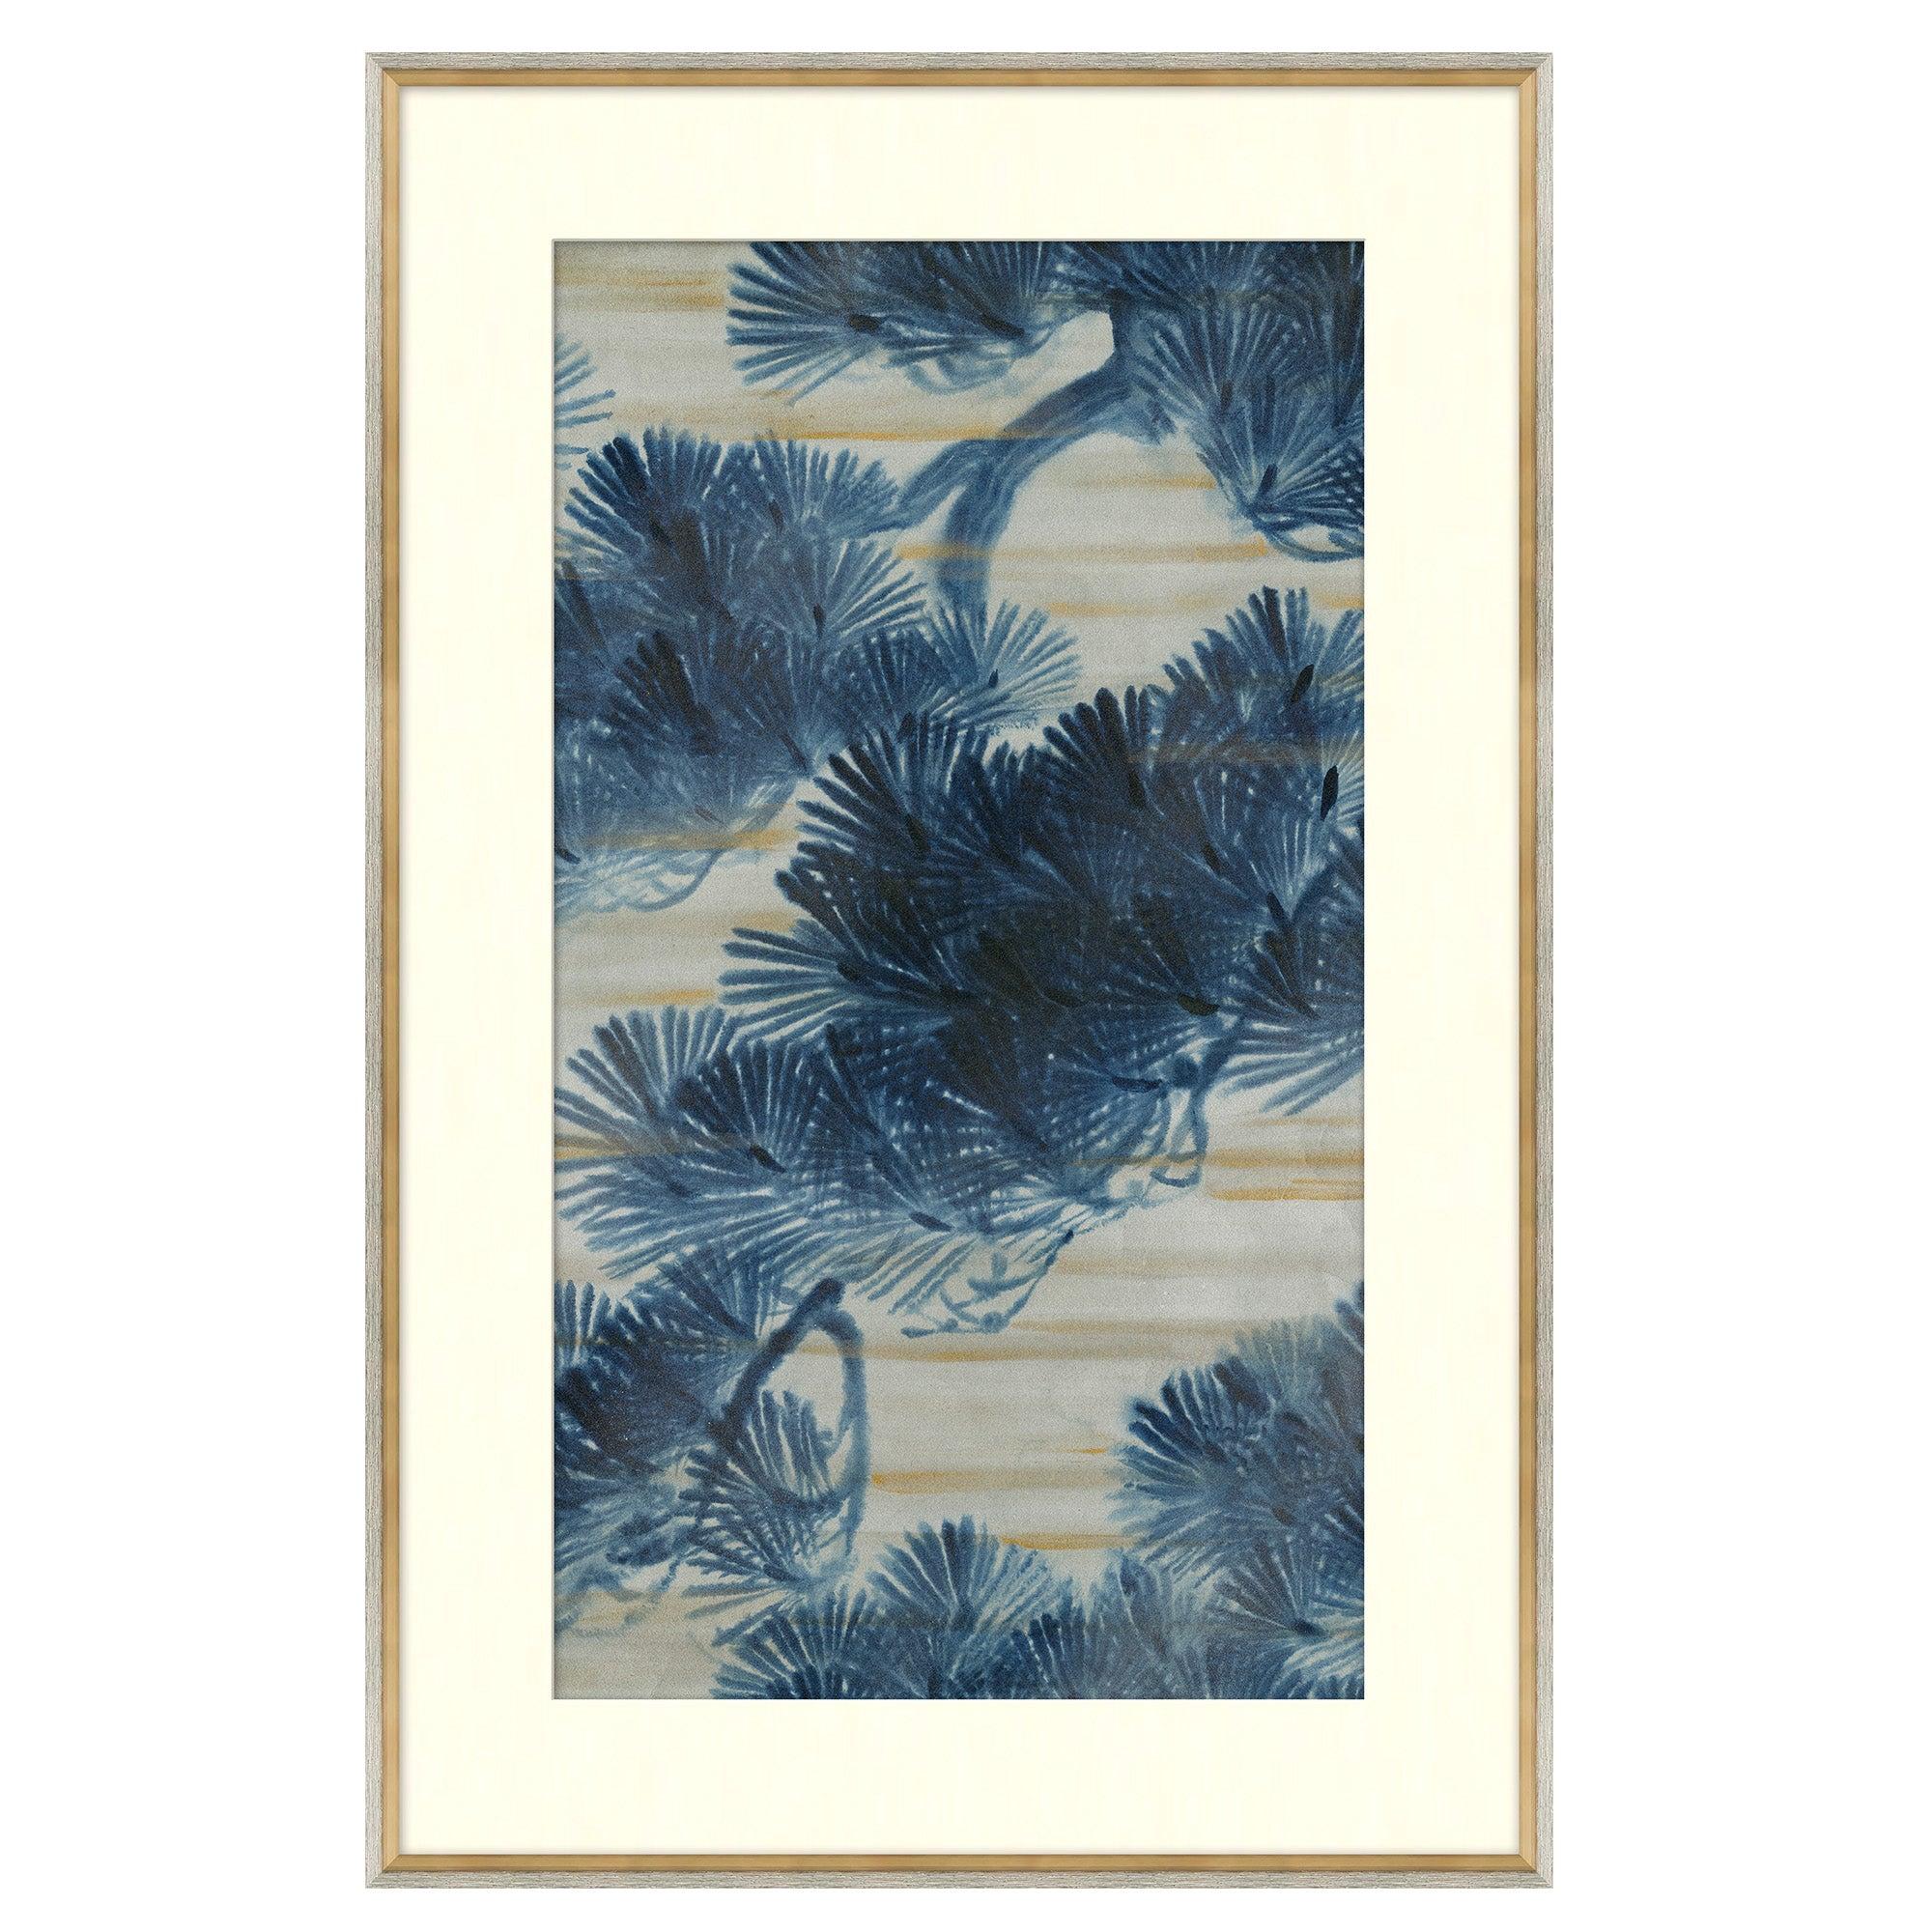 Blue Series II Japanese Print by CuratedKravet